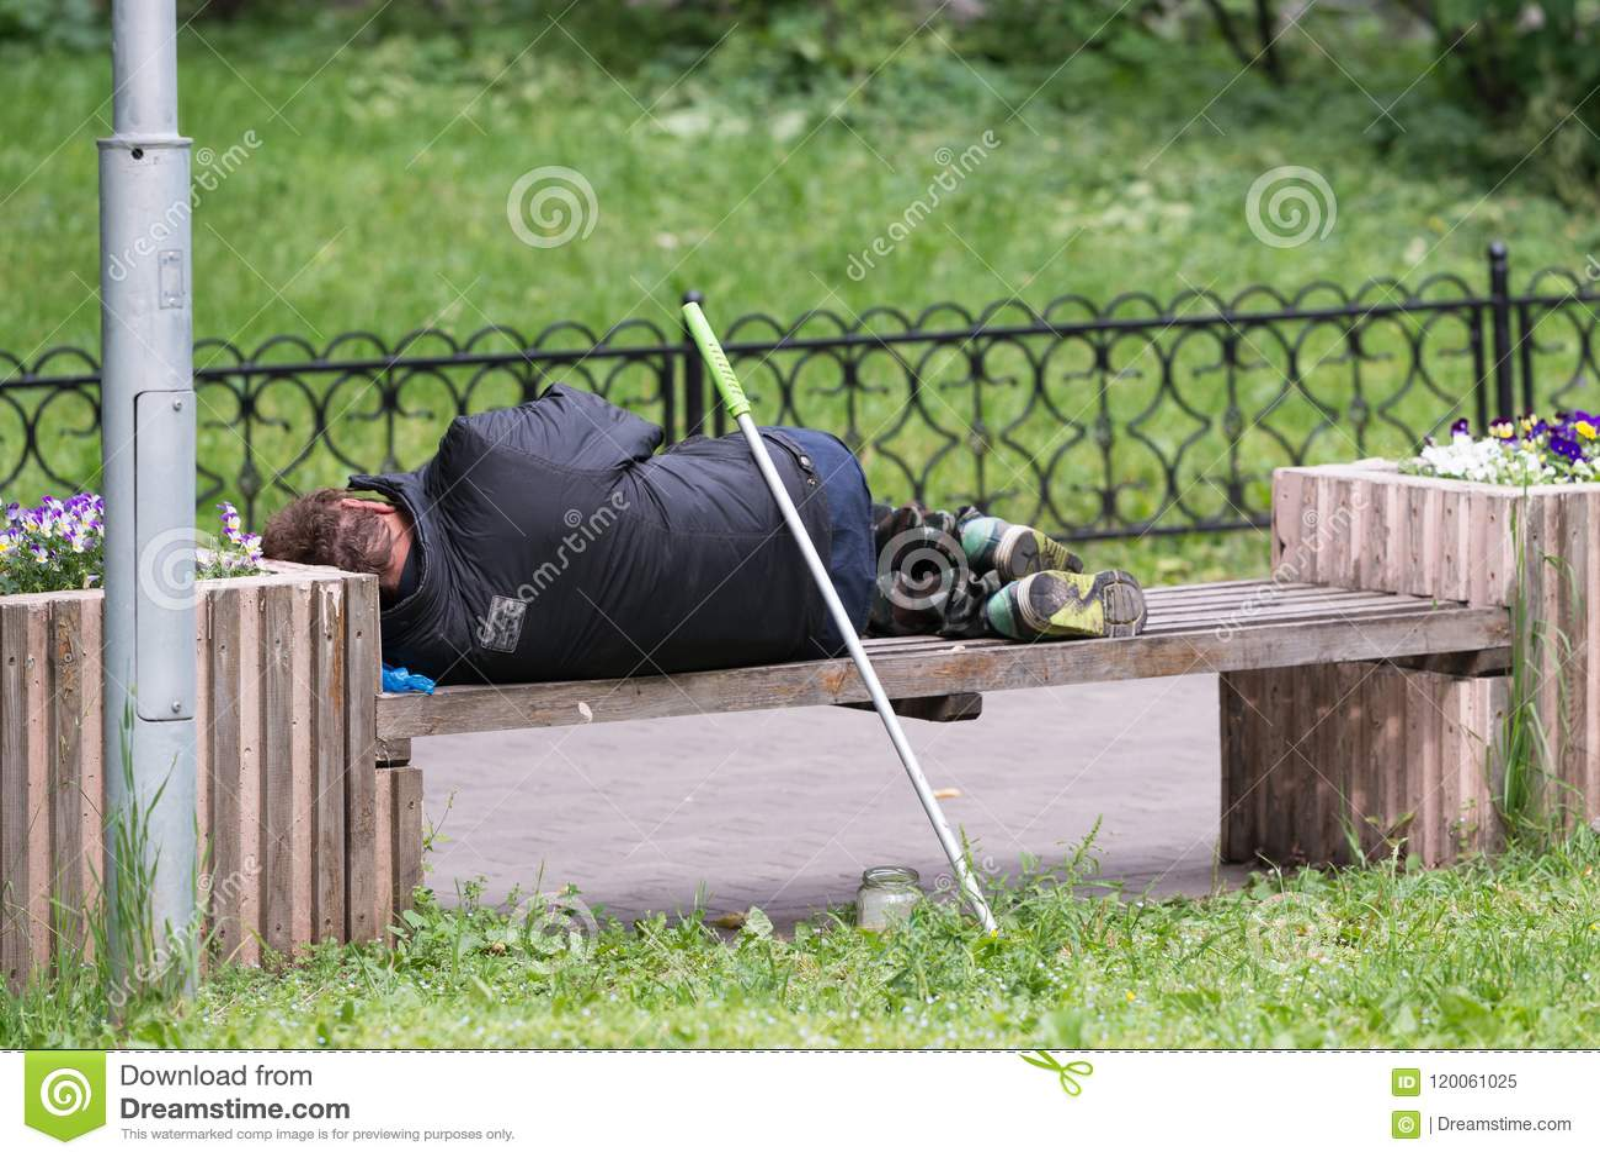 Un hombre sin hogar sucio que duerme en una chaqueta negra en un banco de la calle